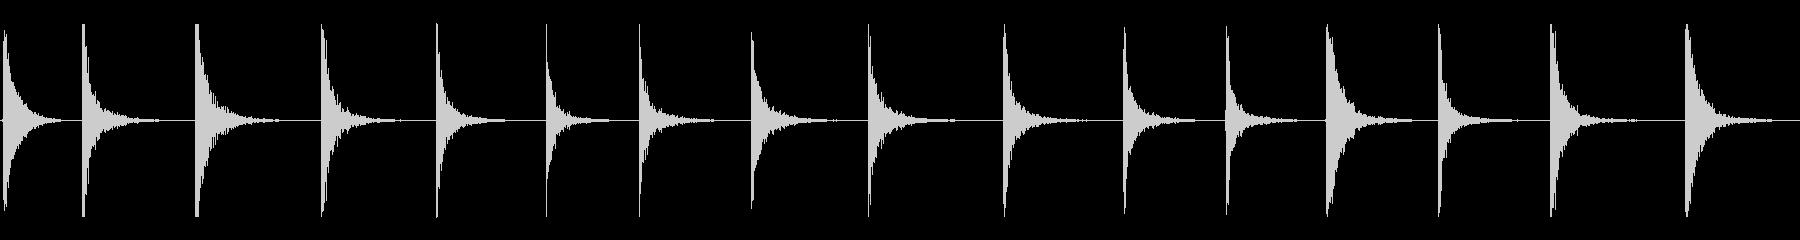 さまざまな低残響金属ヒットの未再生の波形